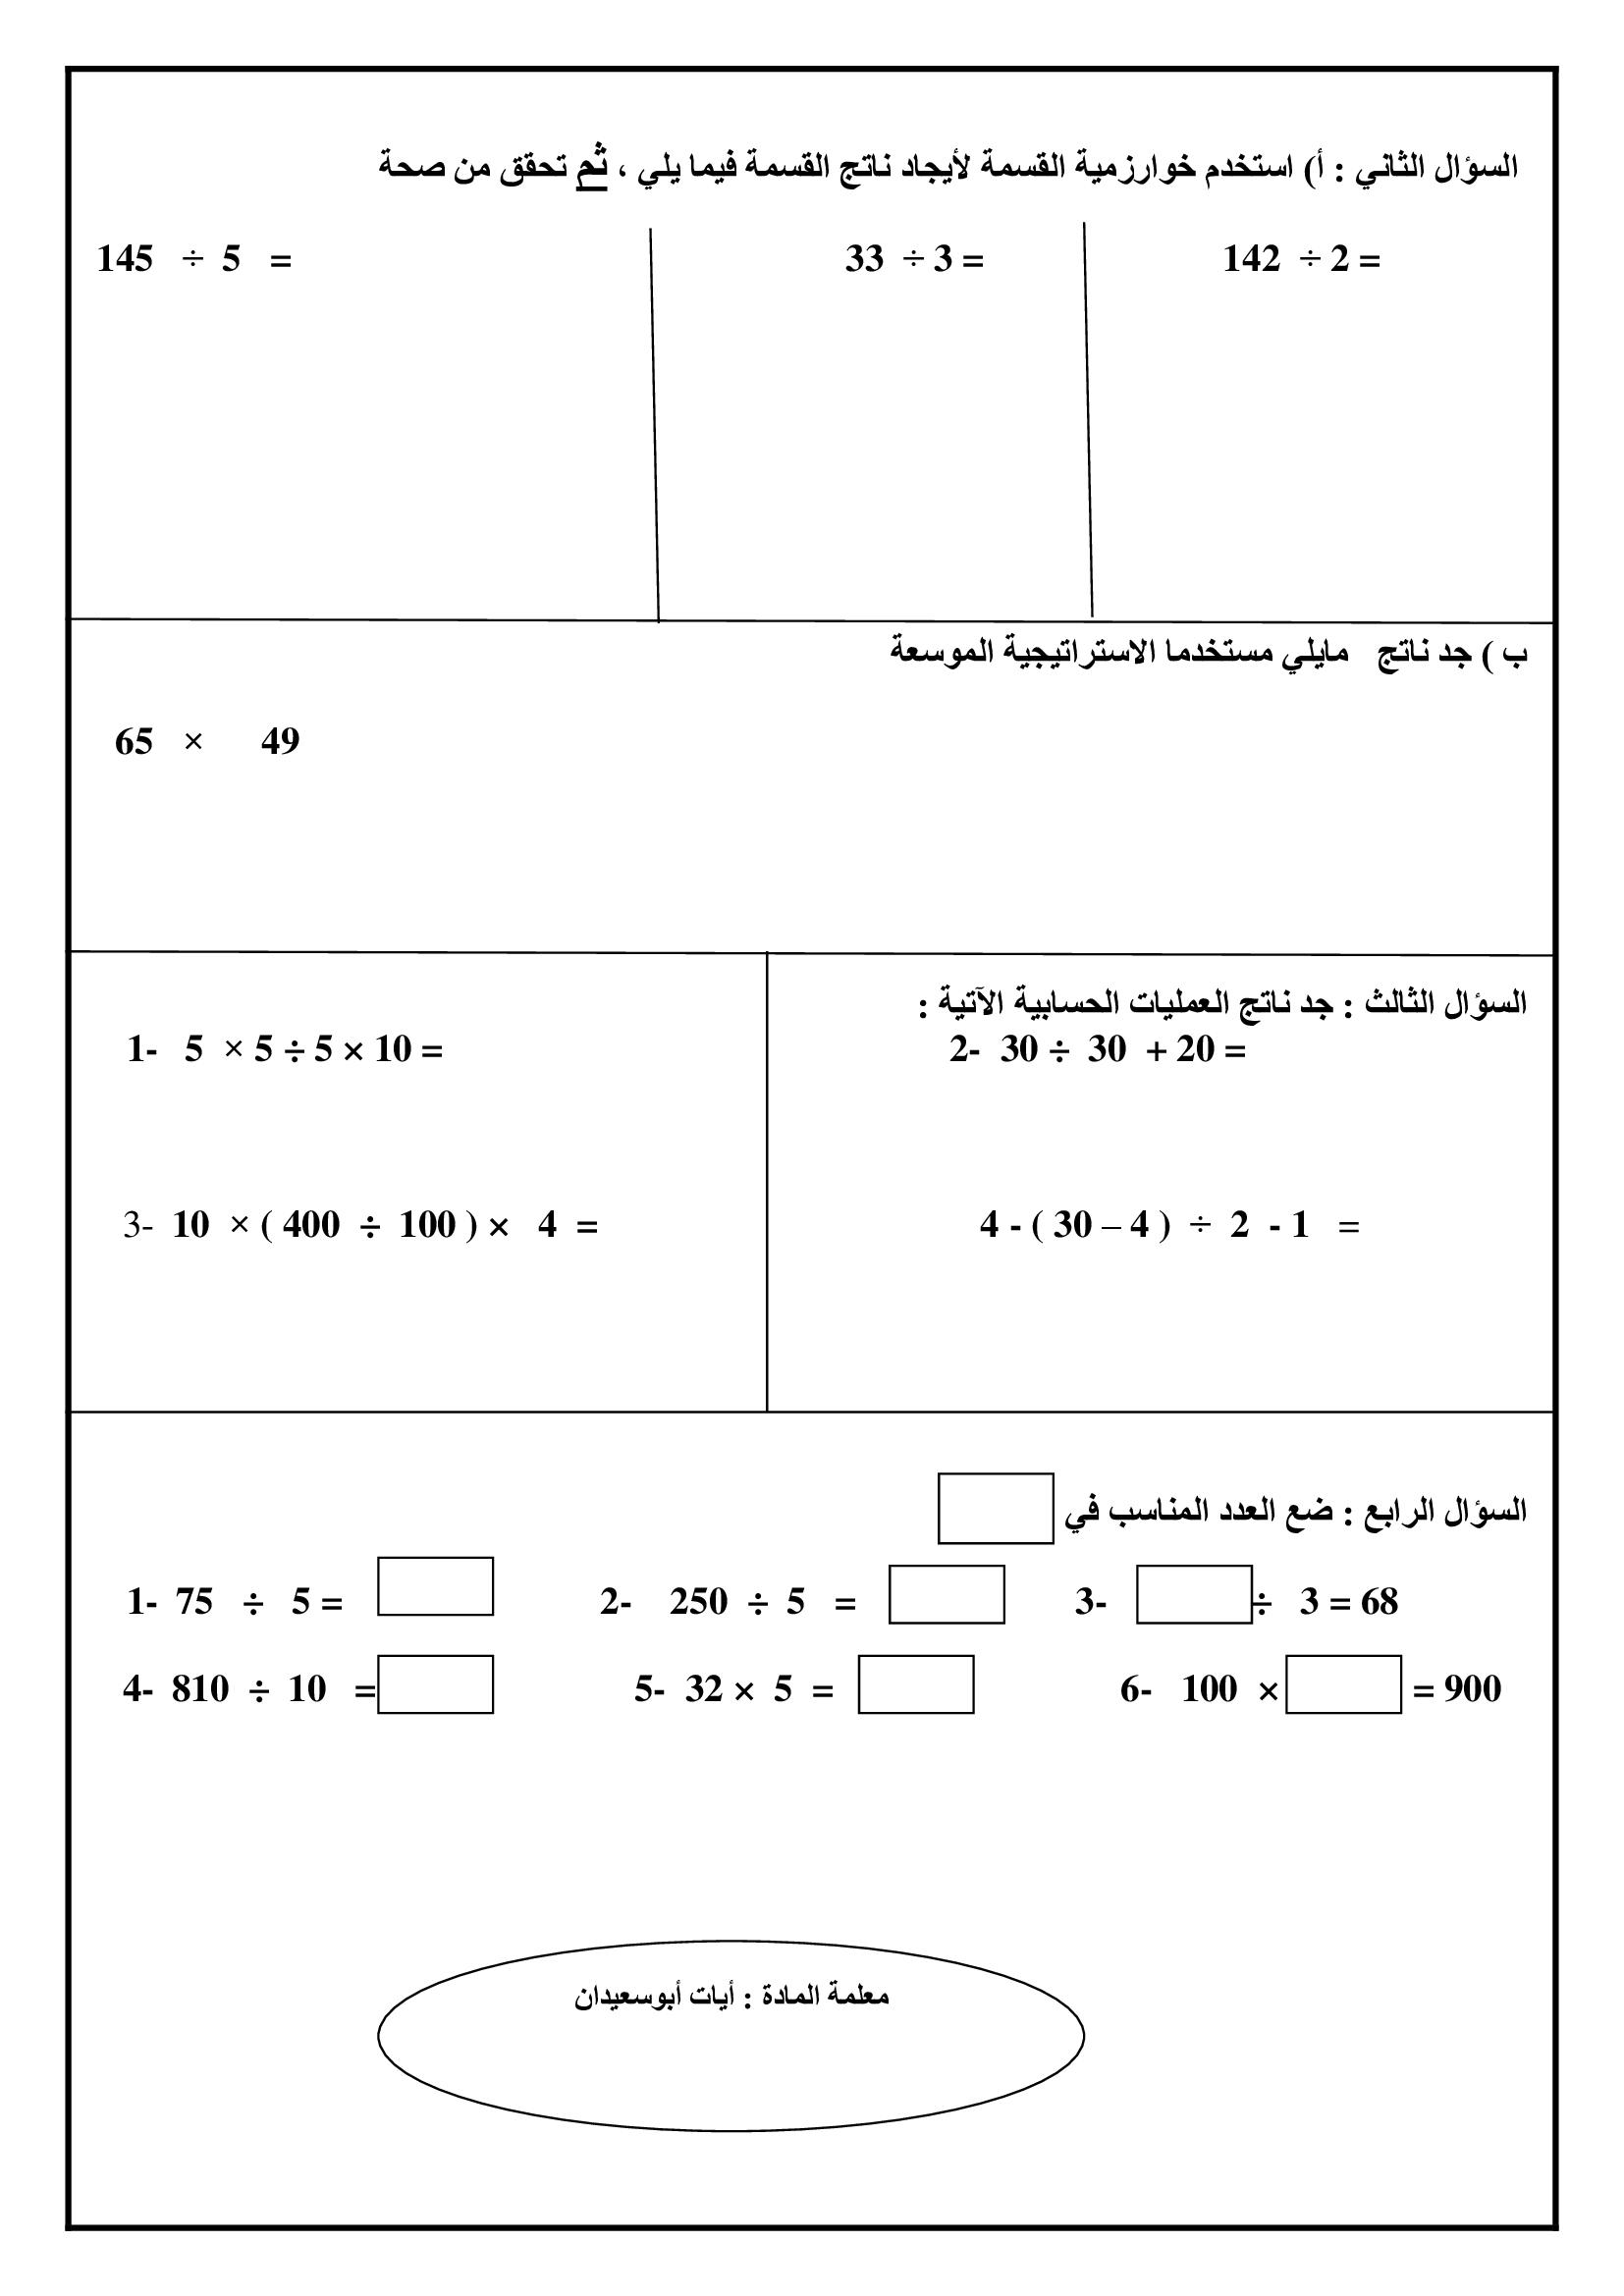 ورقة عمل لمادة الرياضيات بشكل اختبار شهر اول للصف الرابع الفصل الثاني 2020